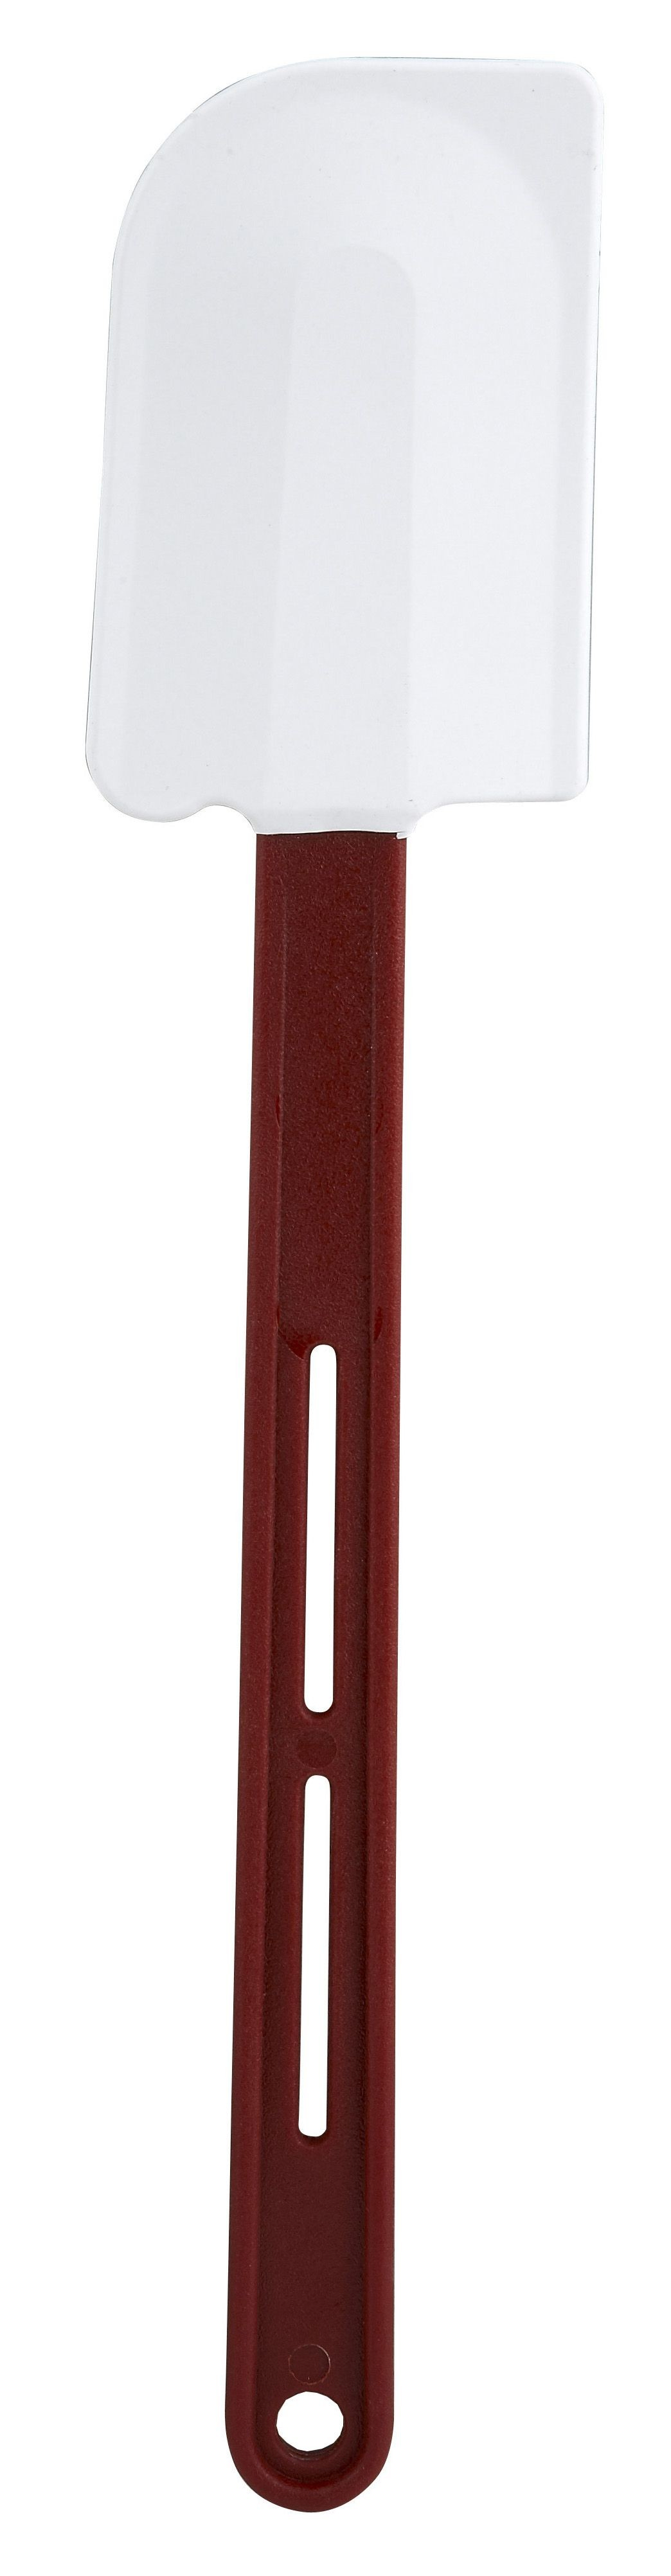 """Winco PSH-14 High Heat Resistant Silicone Scraper 14"""""""